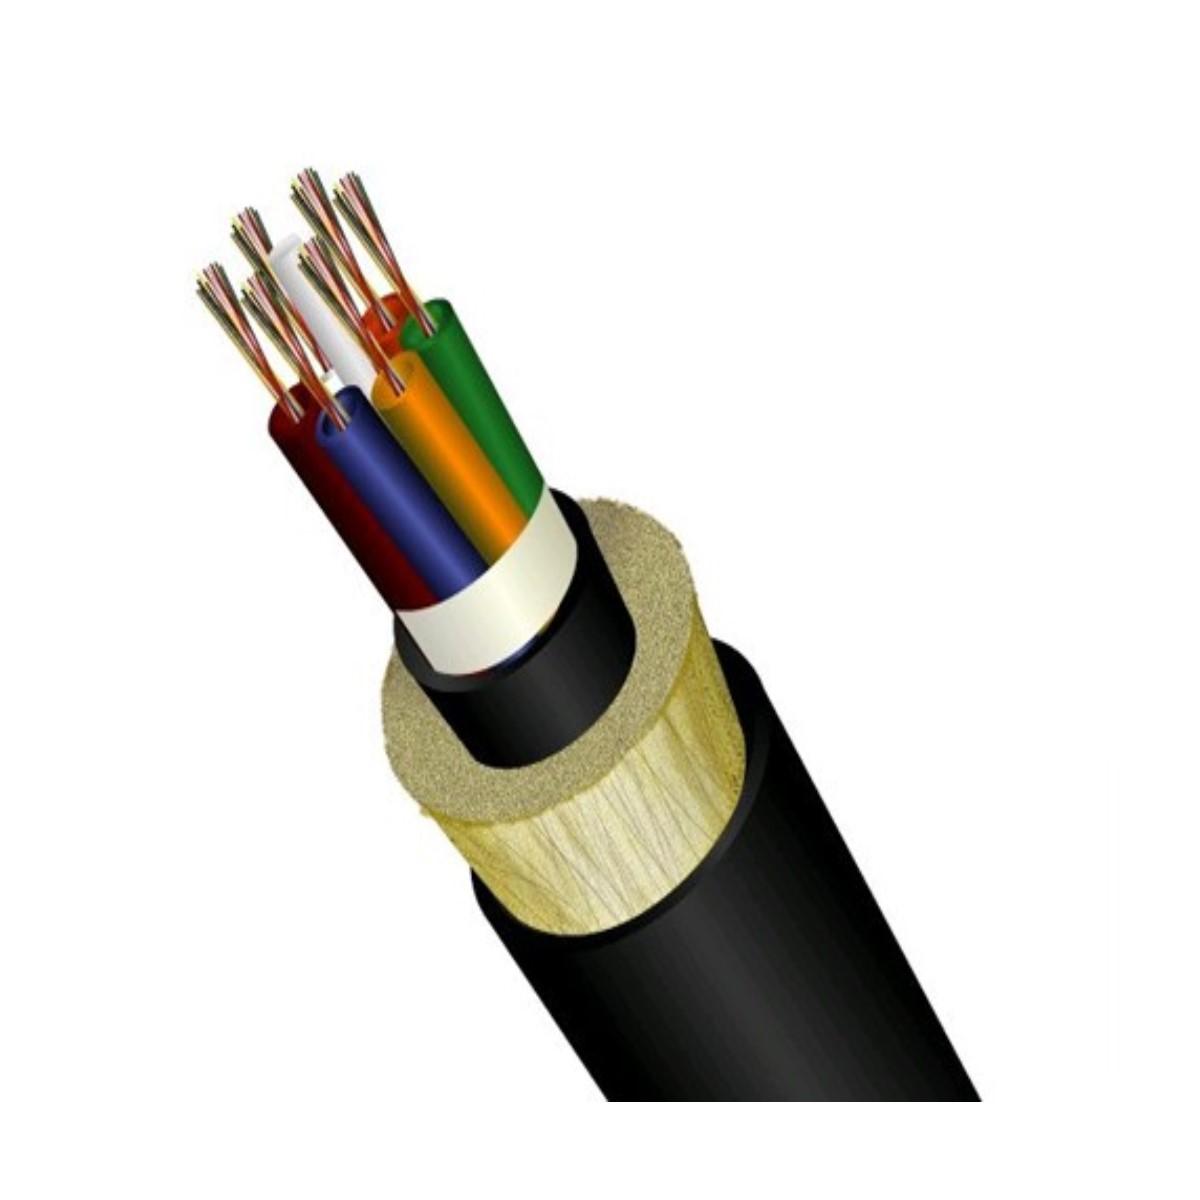 Cable de fibra optica Changguang ADSS Auto Soportada NO METALICO G652d / G657A1 / A2